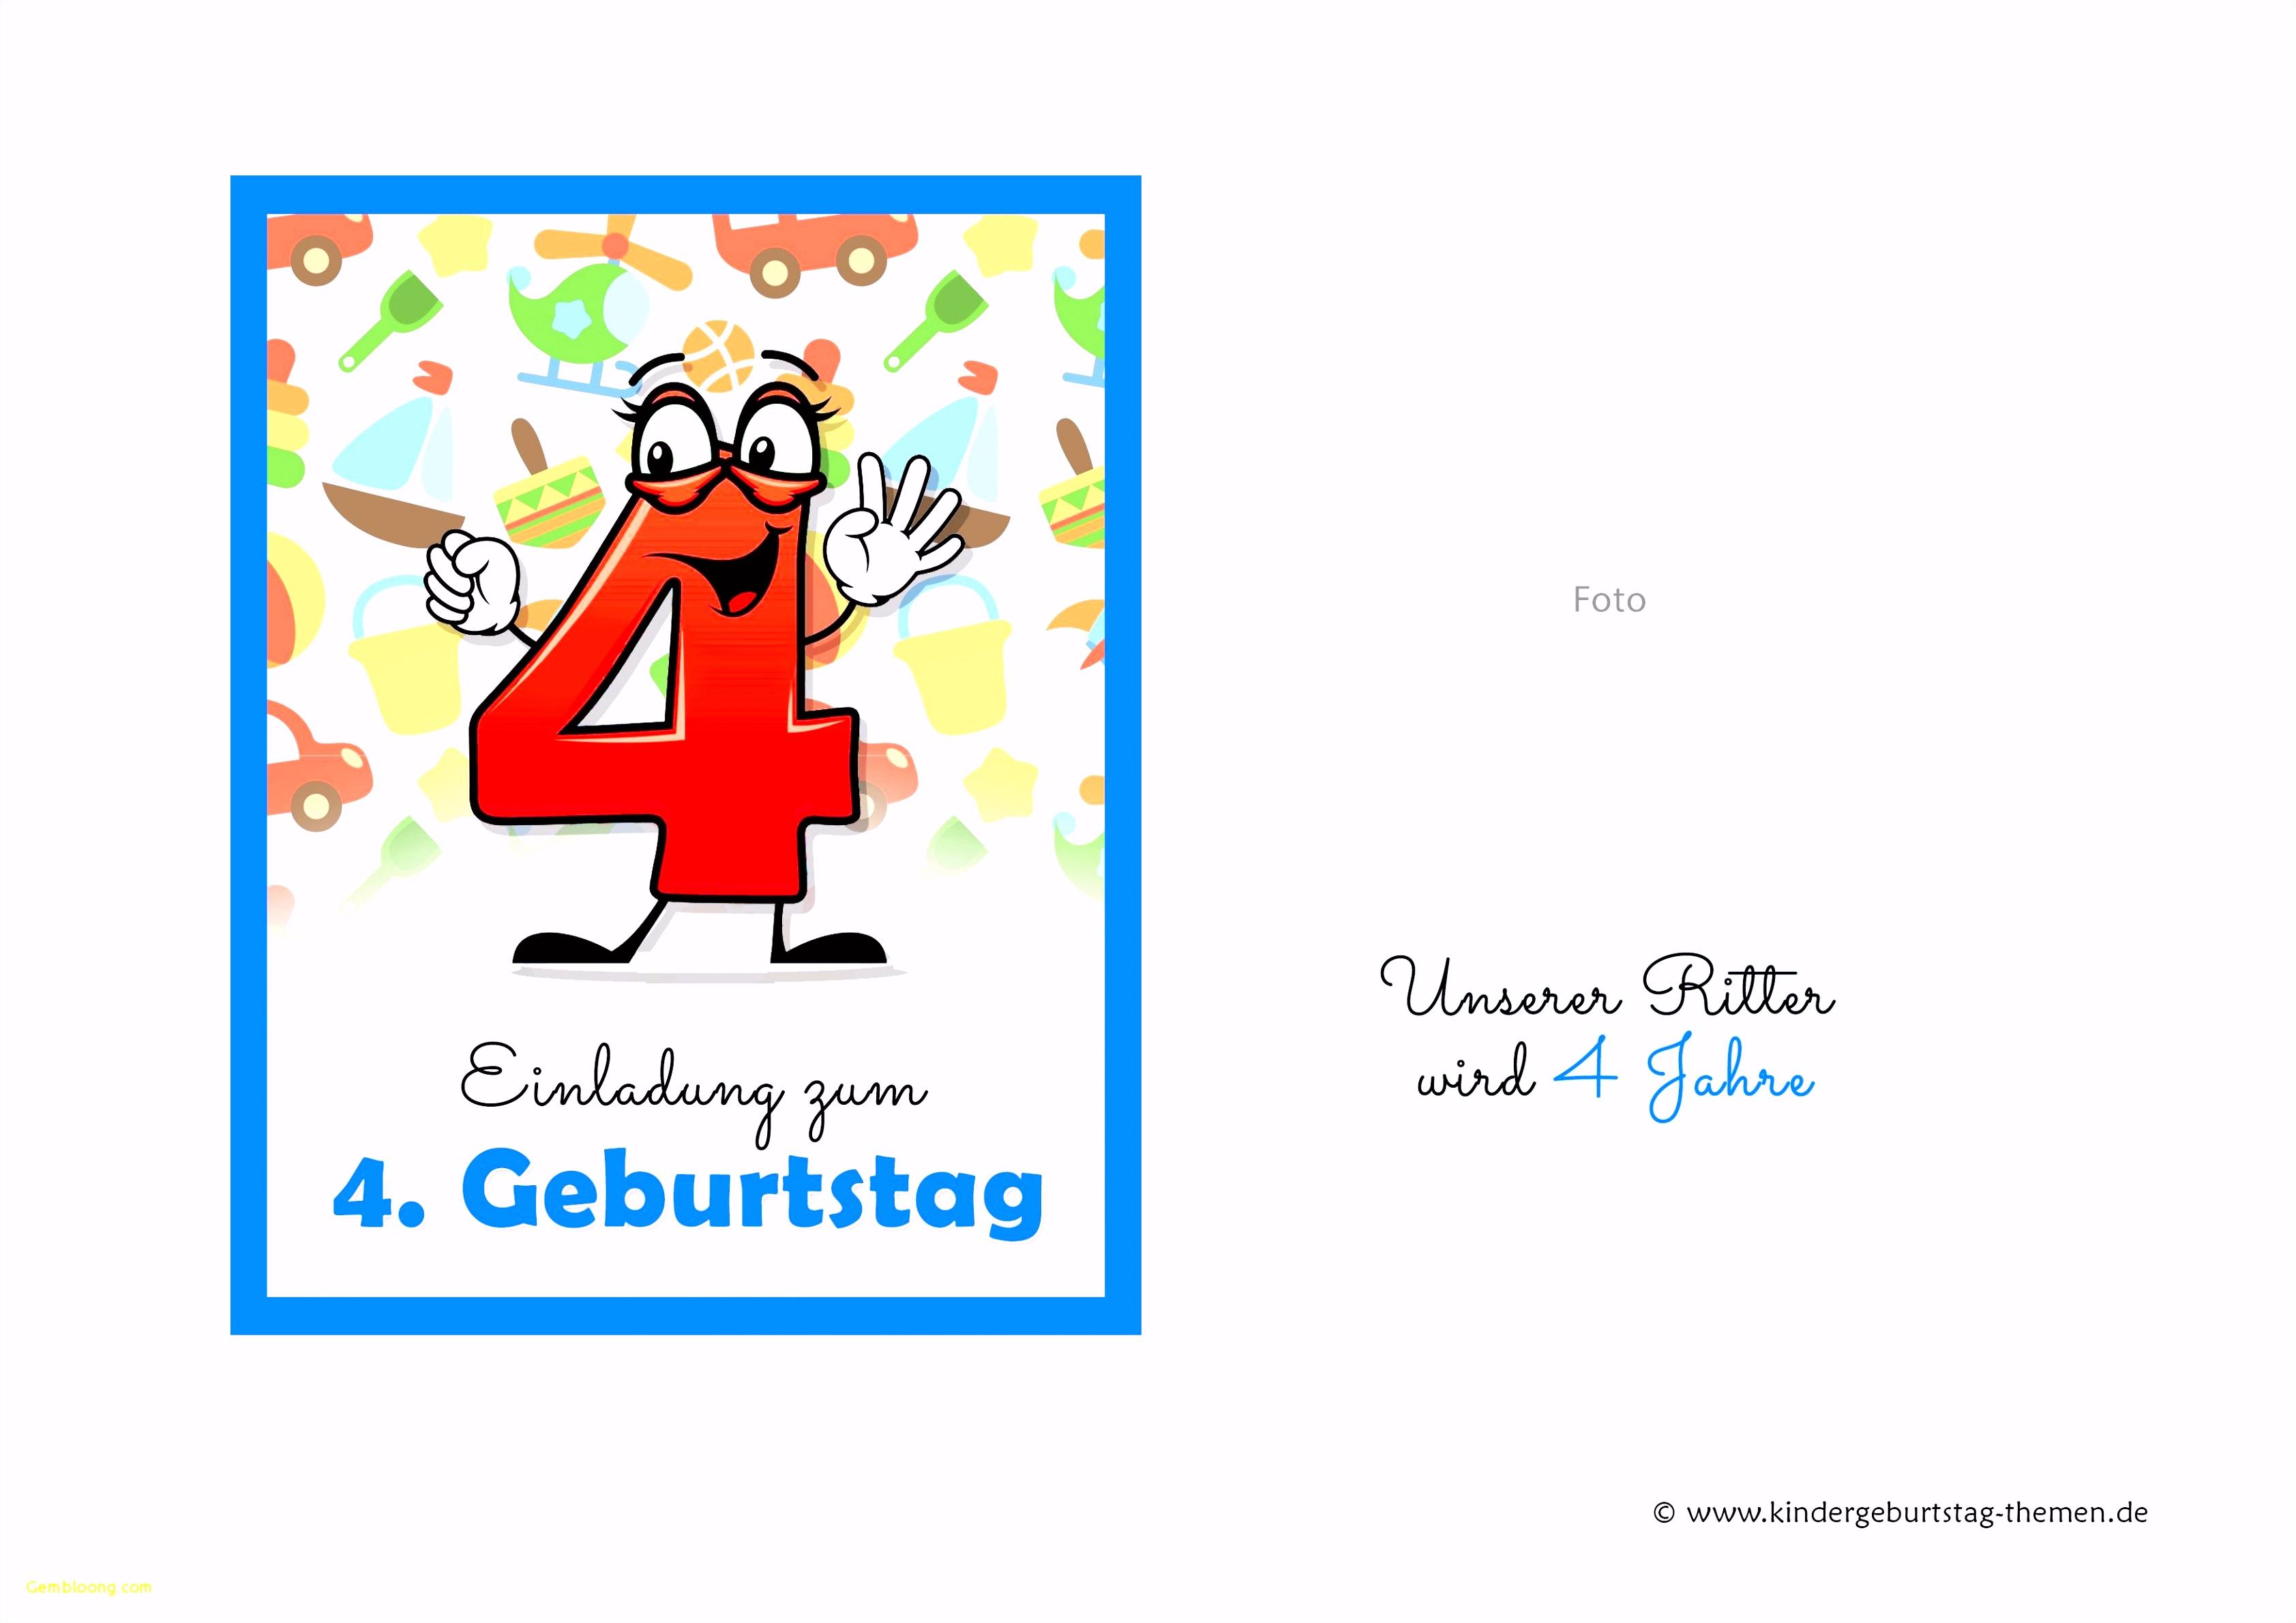 Vorlage Einladung Kindergeburtstag Madchen Bilder Einladung Geburtstag V9qd51qpd3 I4bcv6tvfs